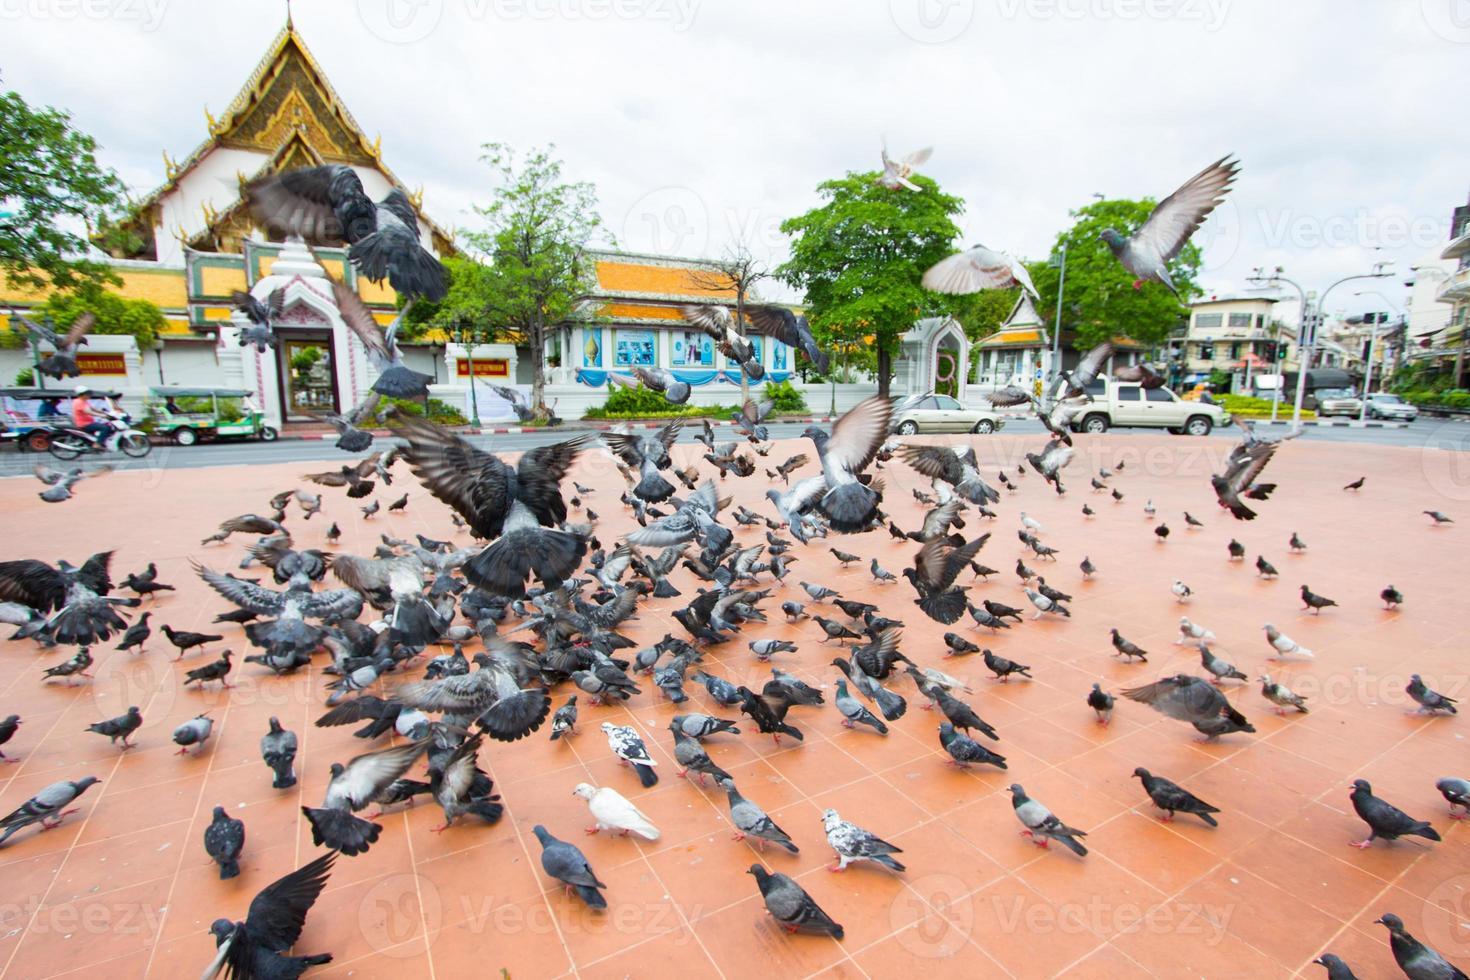 flock duvor på marken foto